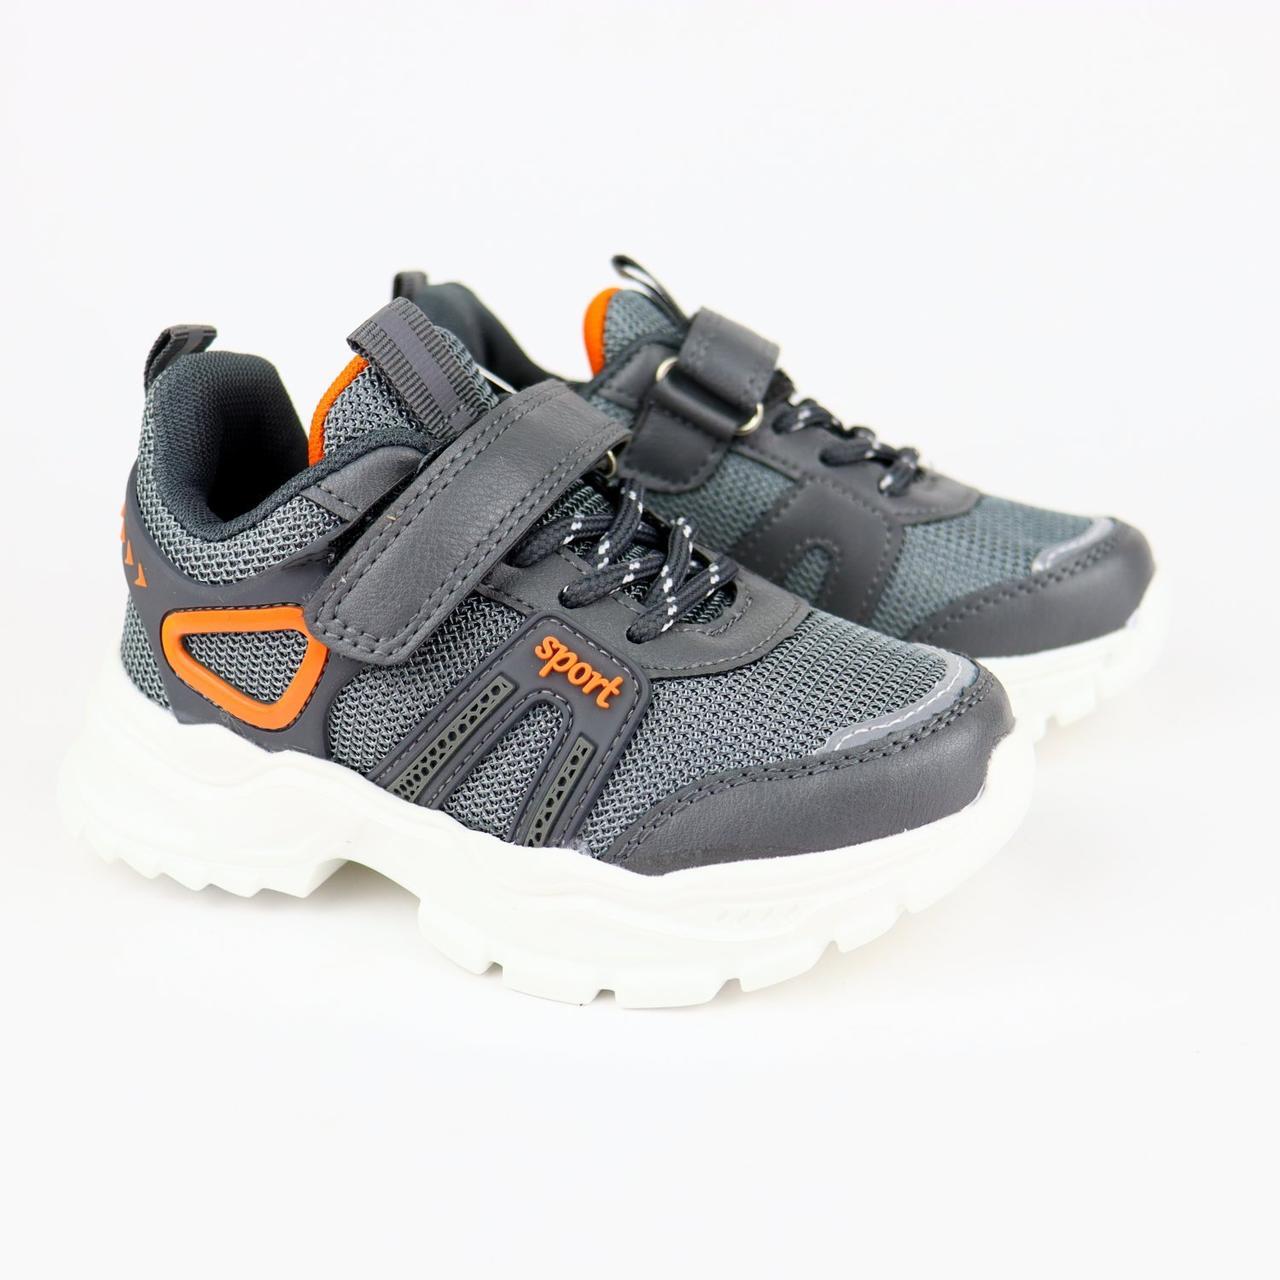 7997E Детские серые кроссовки для мальчика тм Boyang размер 27,28,29,30,31,32